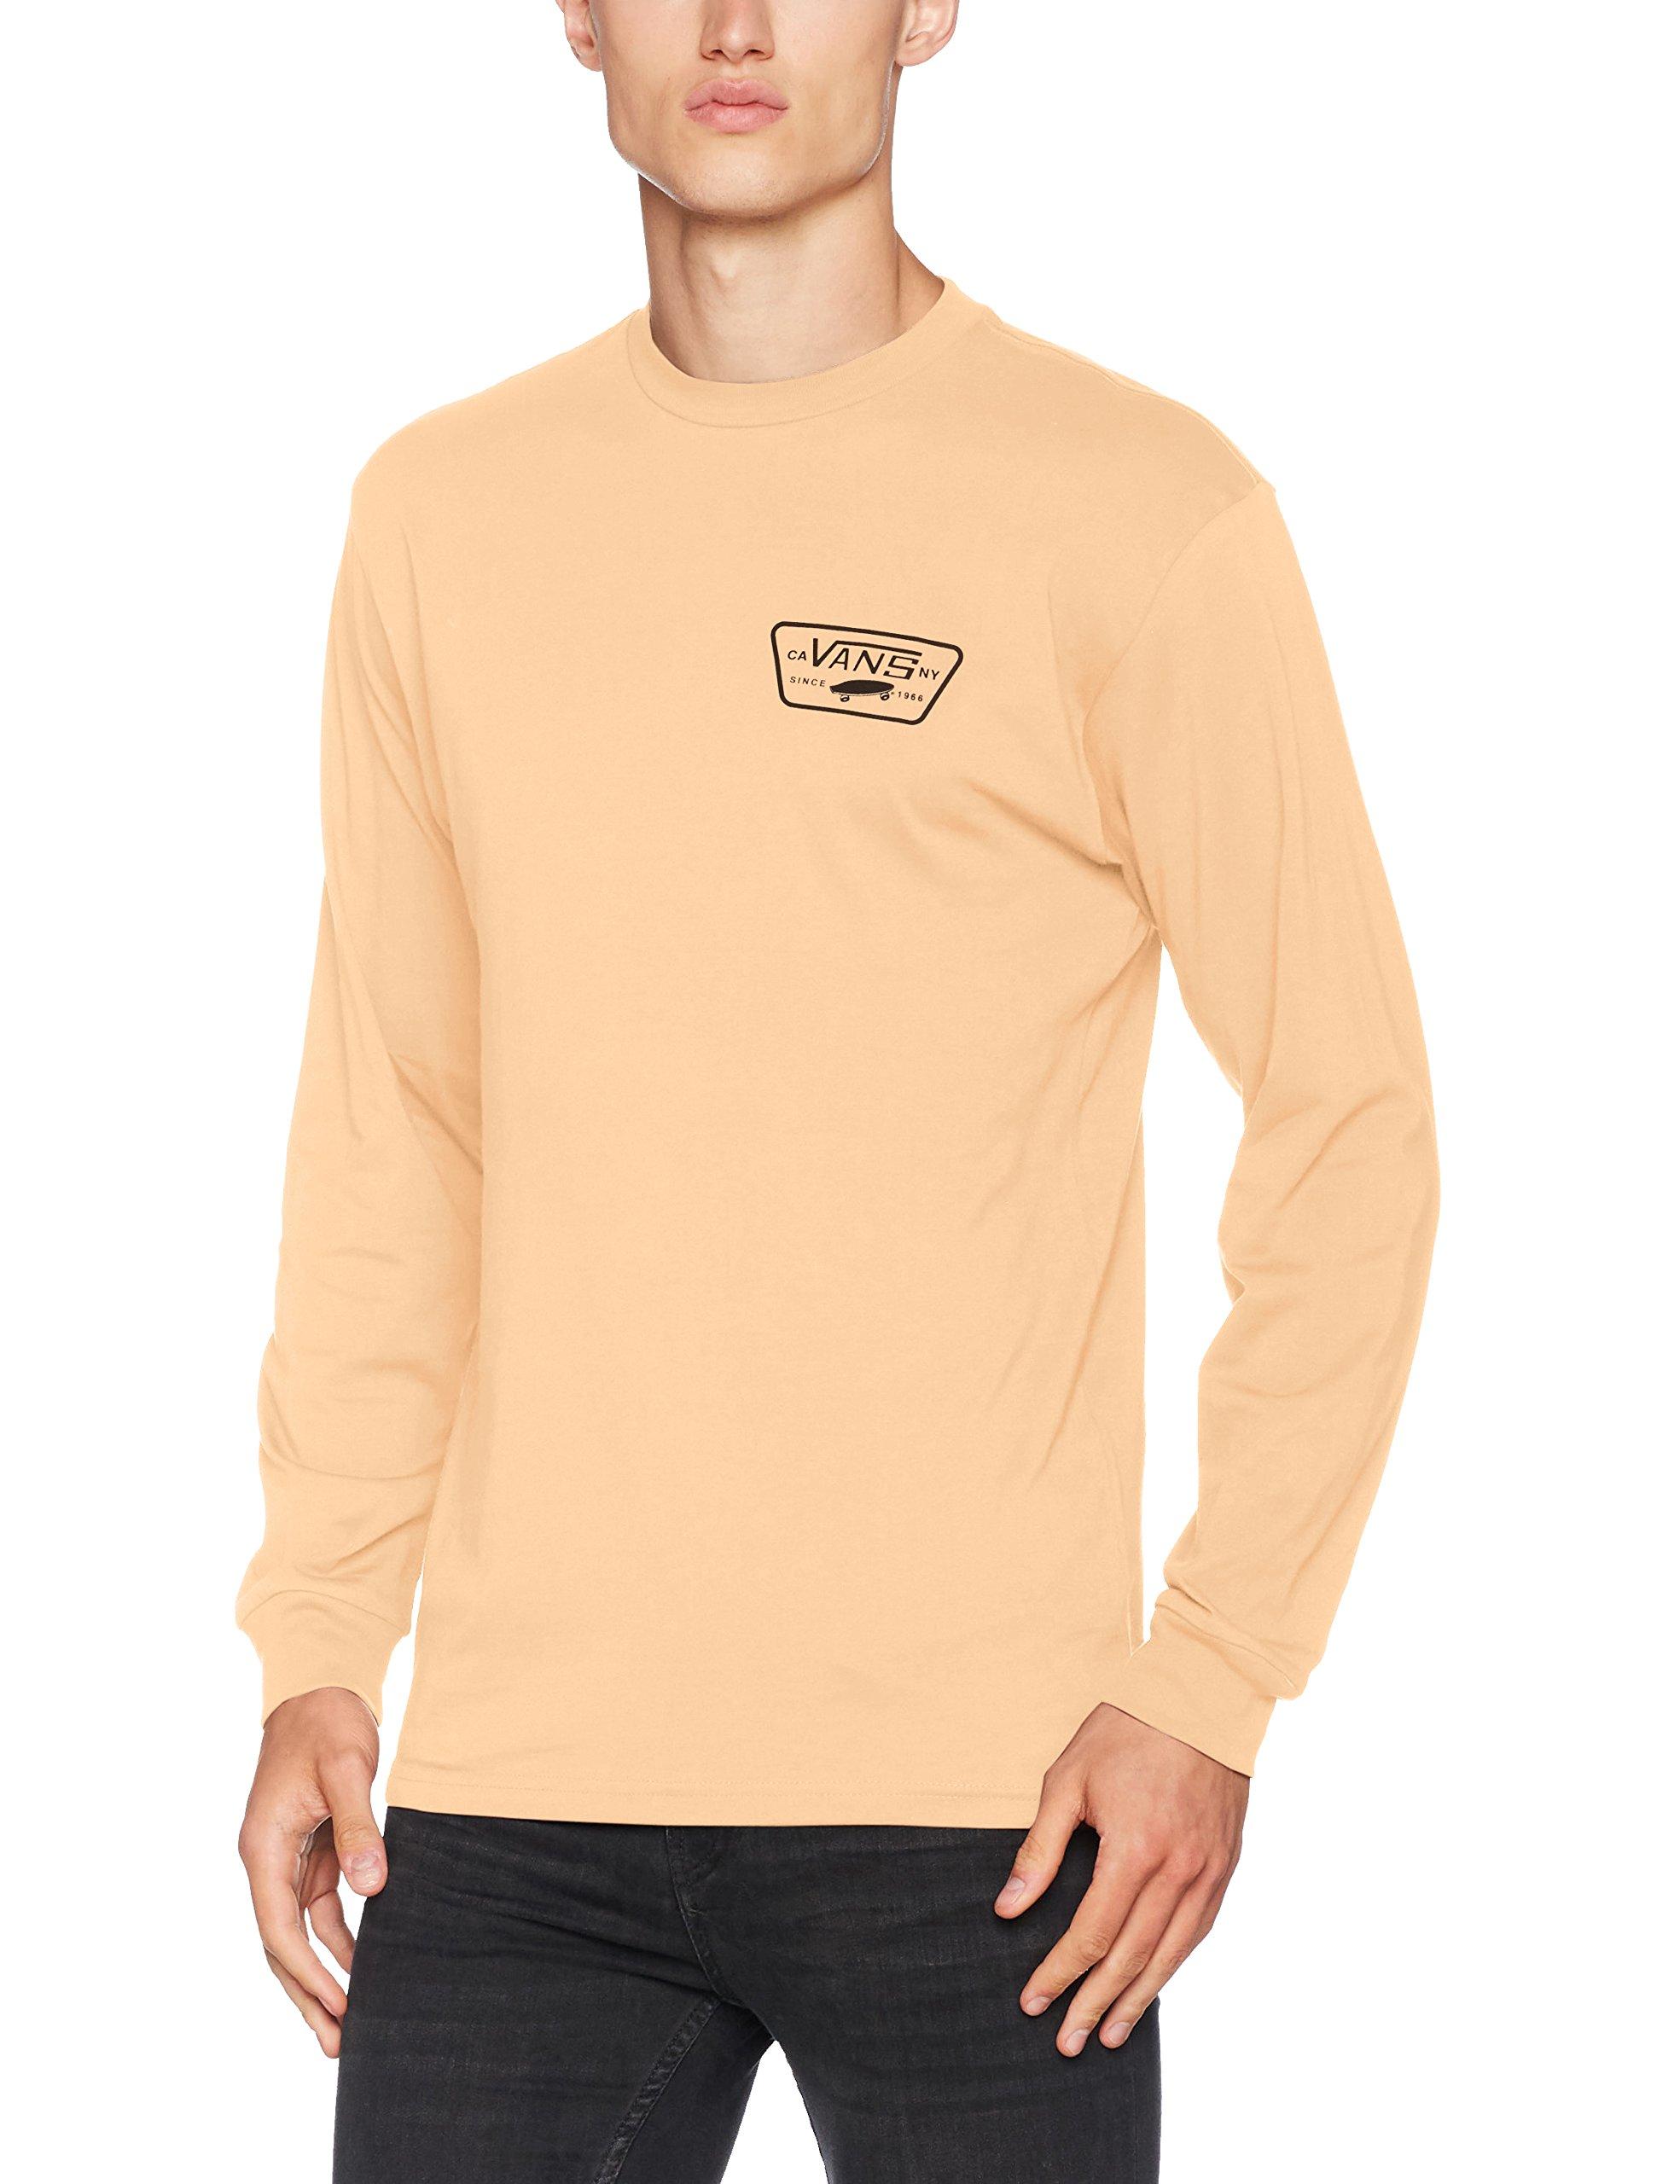 Vans Full Patch Back LS Camiseta para Hombre